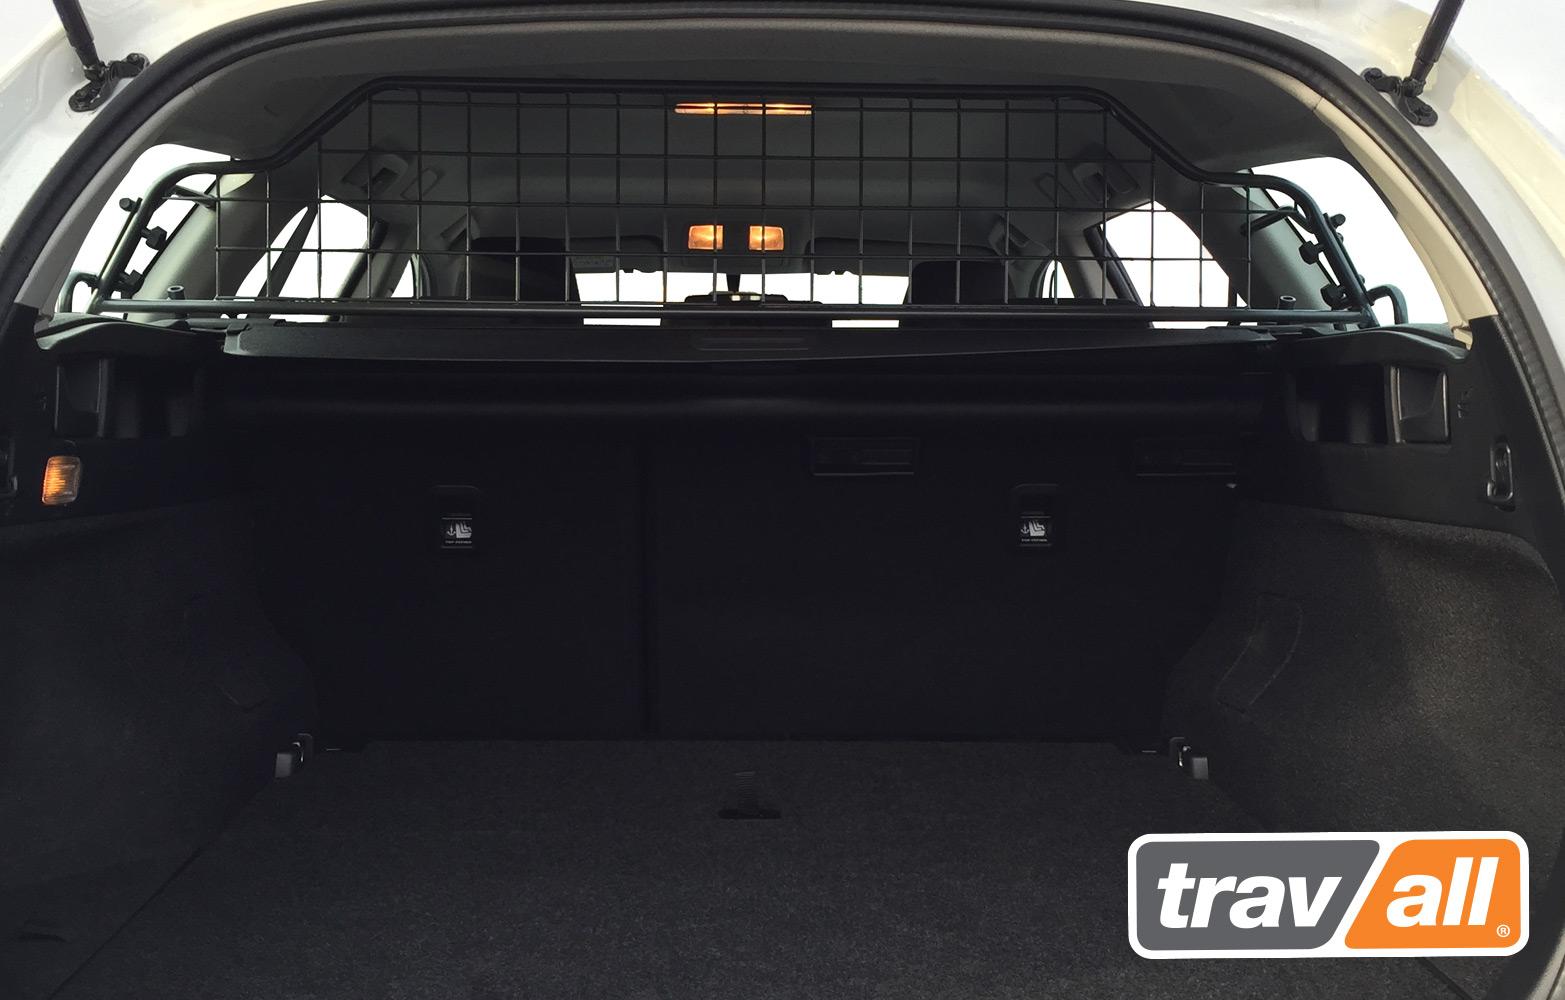 Koiraverkko Toyota Auris Touring Sports (E180) 2013- ei kattol.